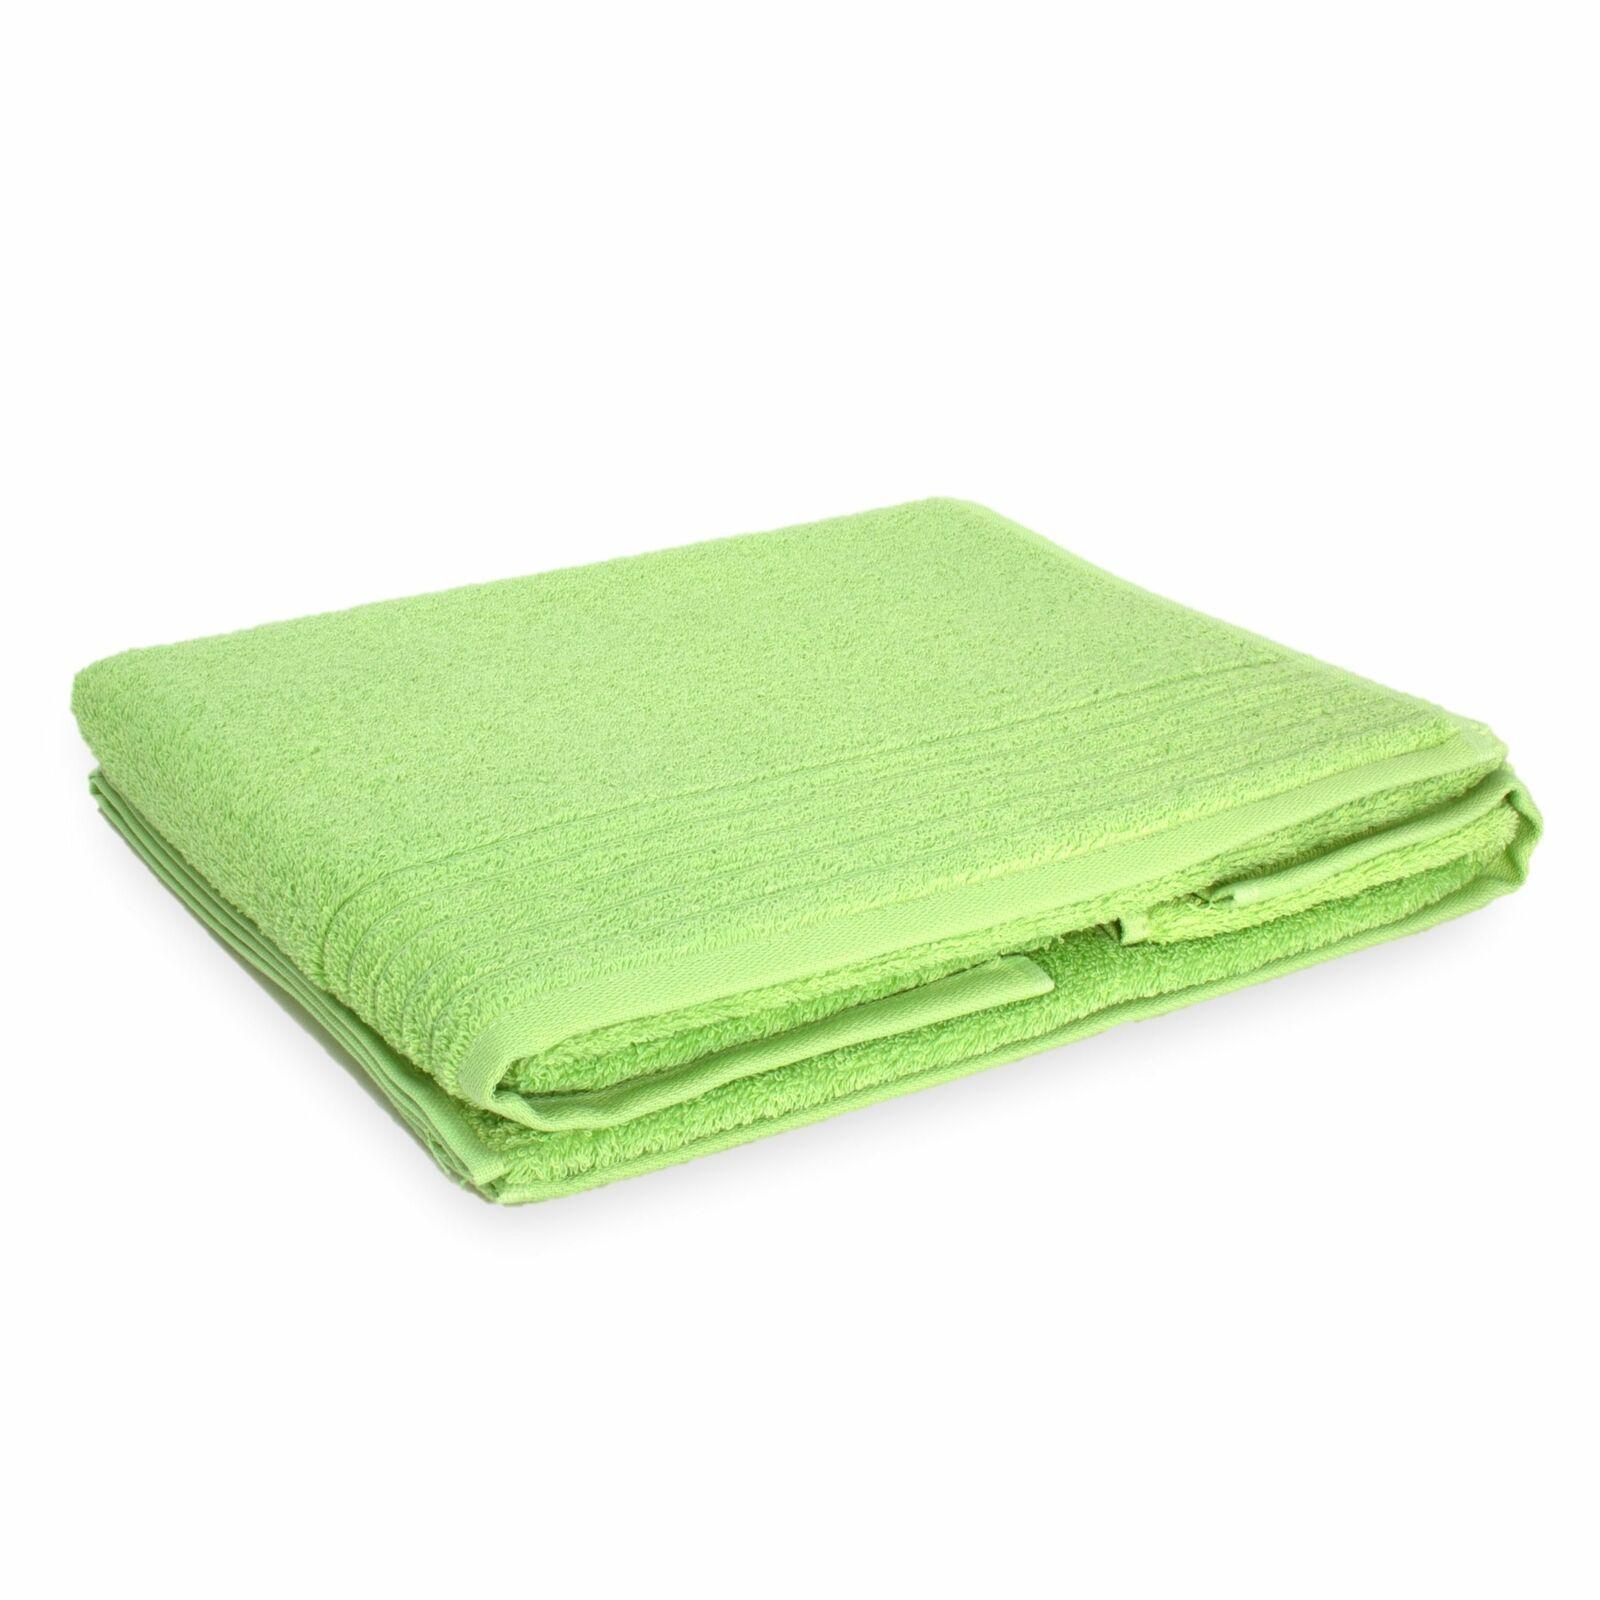 Vossen Premium Exclusive - Set of 2 Hand Towels - Apple Green - 50 x 100cm